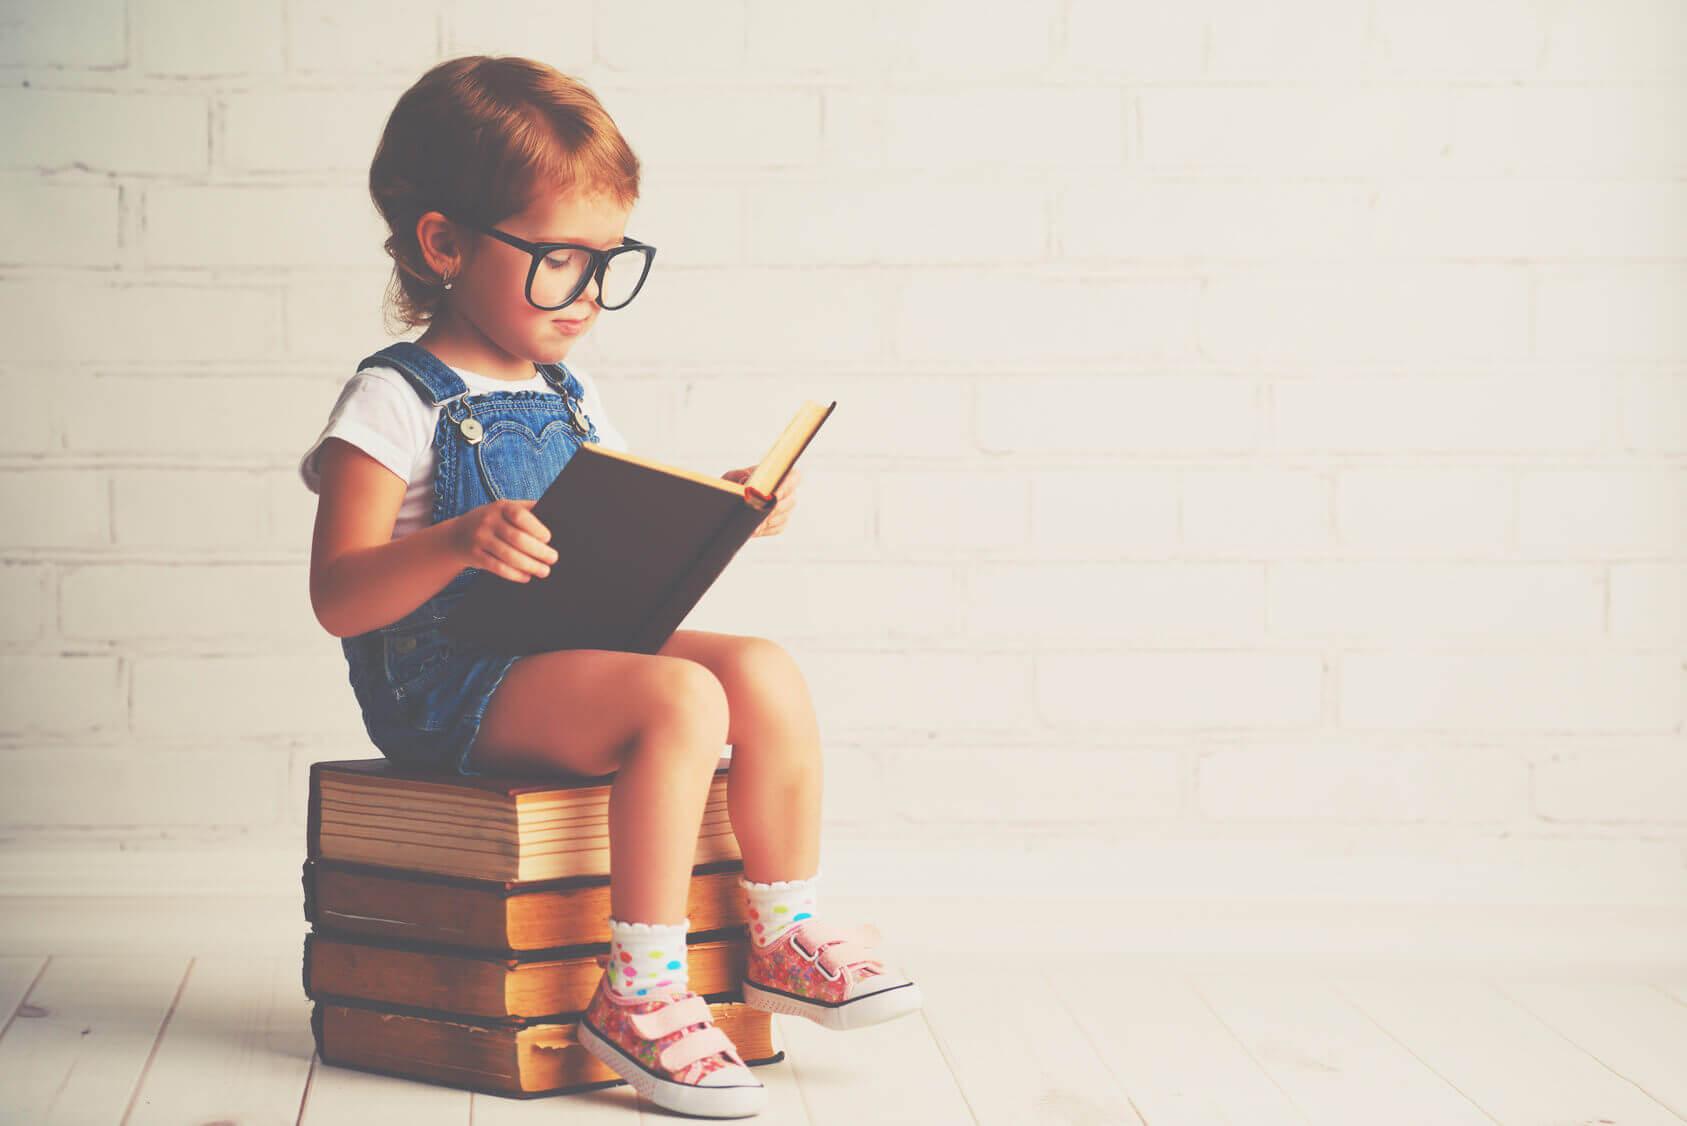 apprendre, astuces, mémoire, mémoriser, étudier